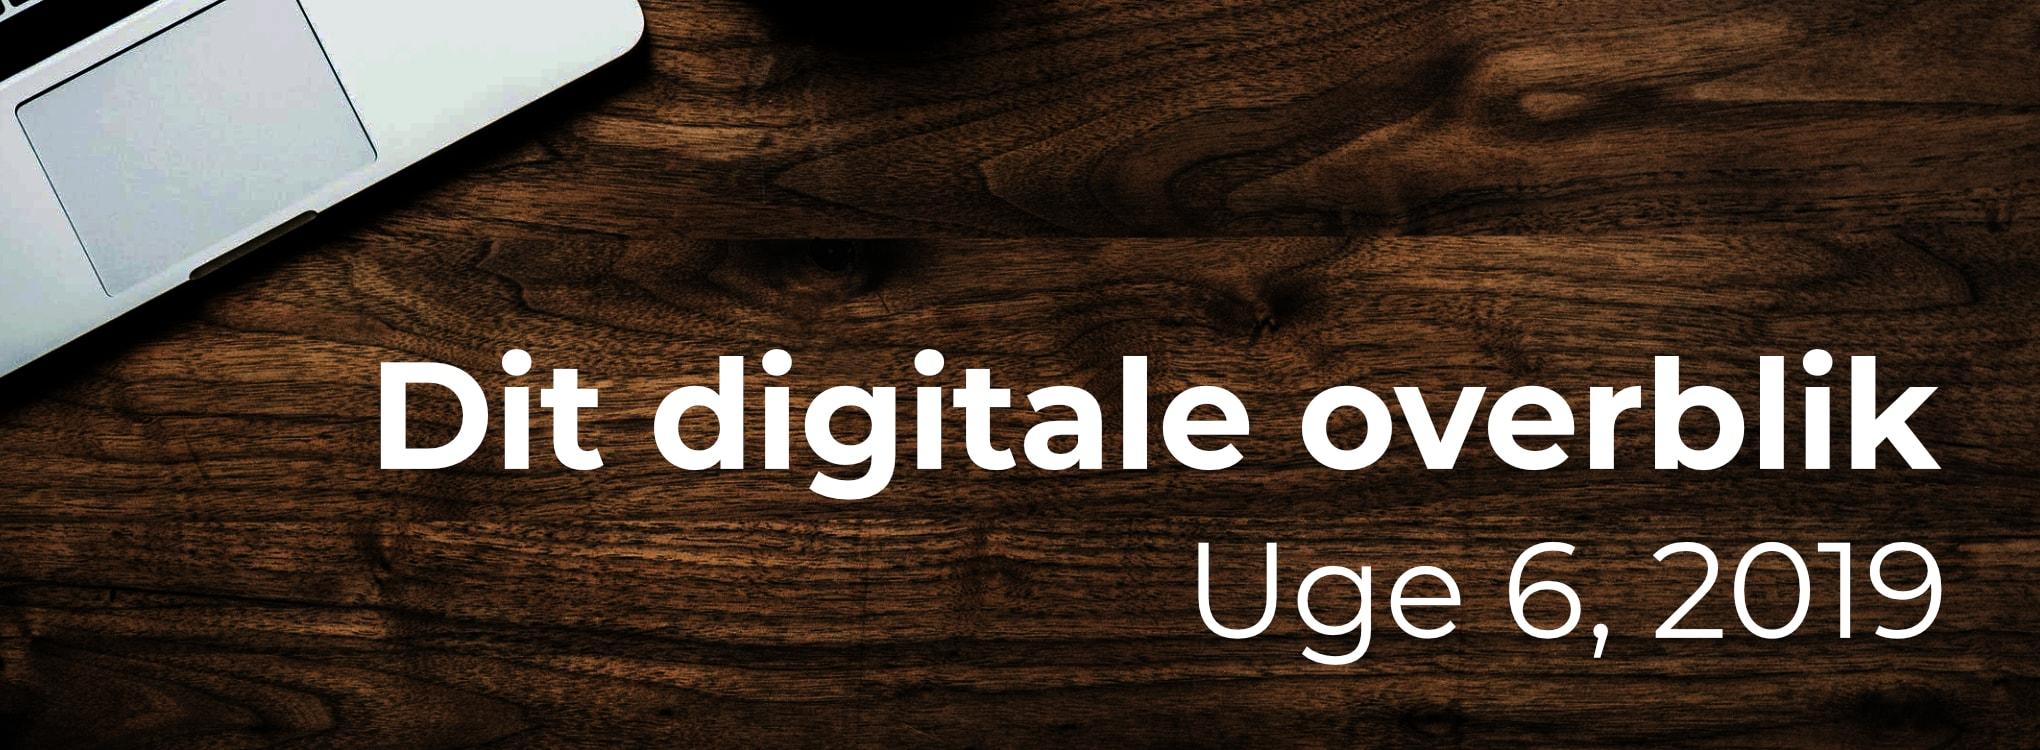 Digital Ugerevy Uge 6 2019 Lars K Jensen